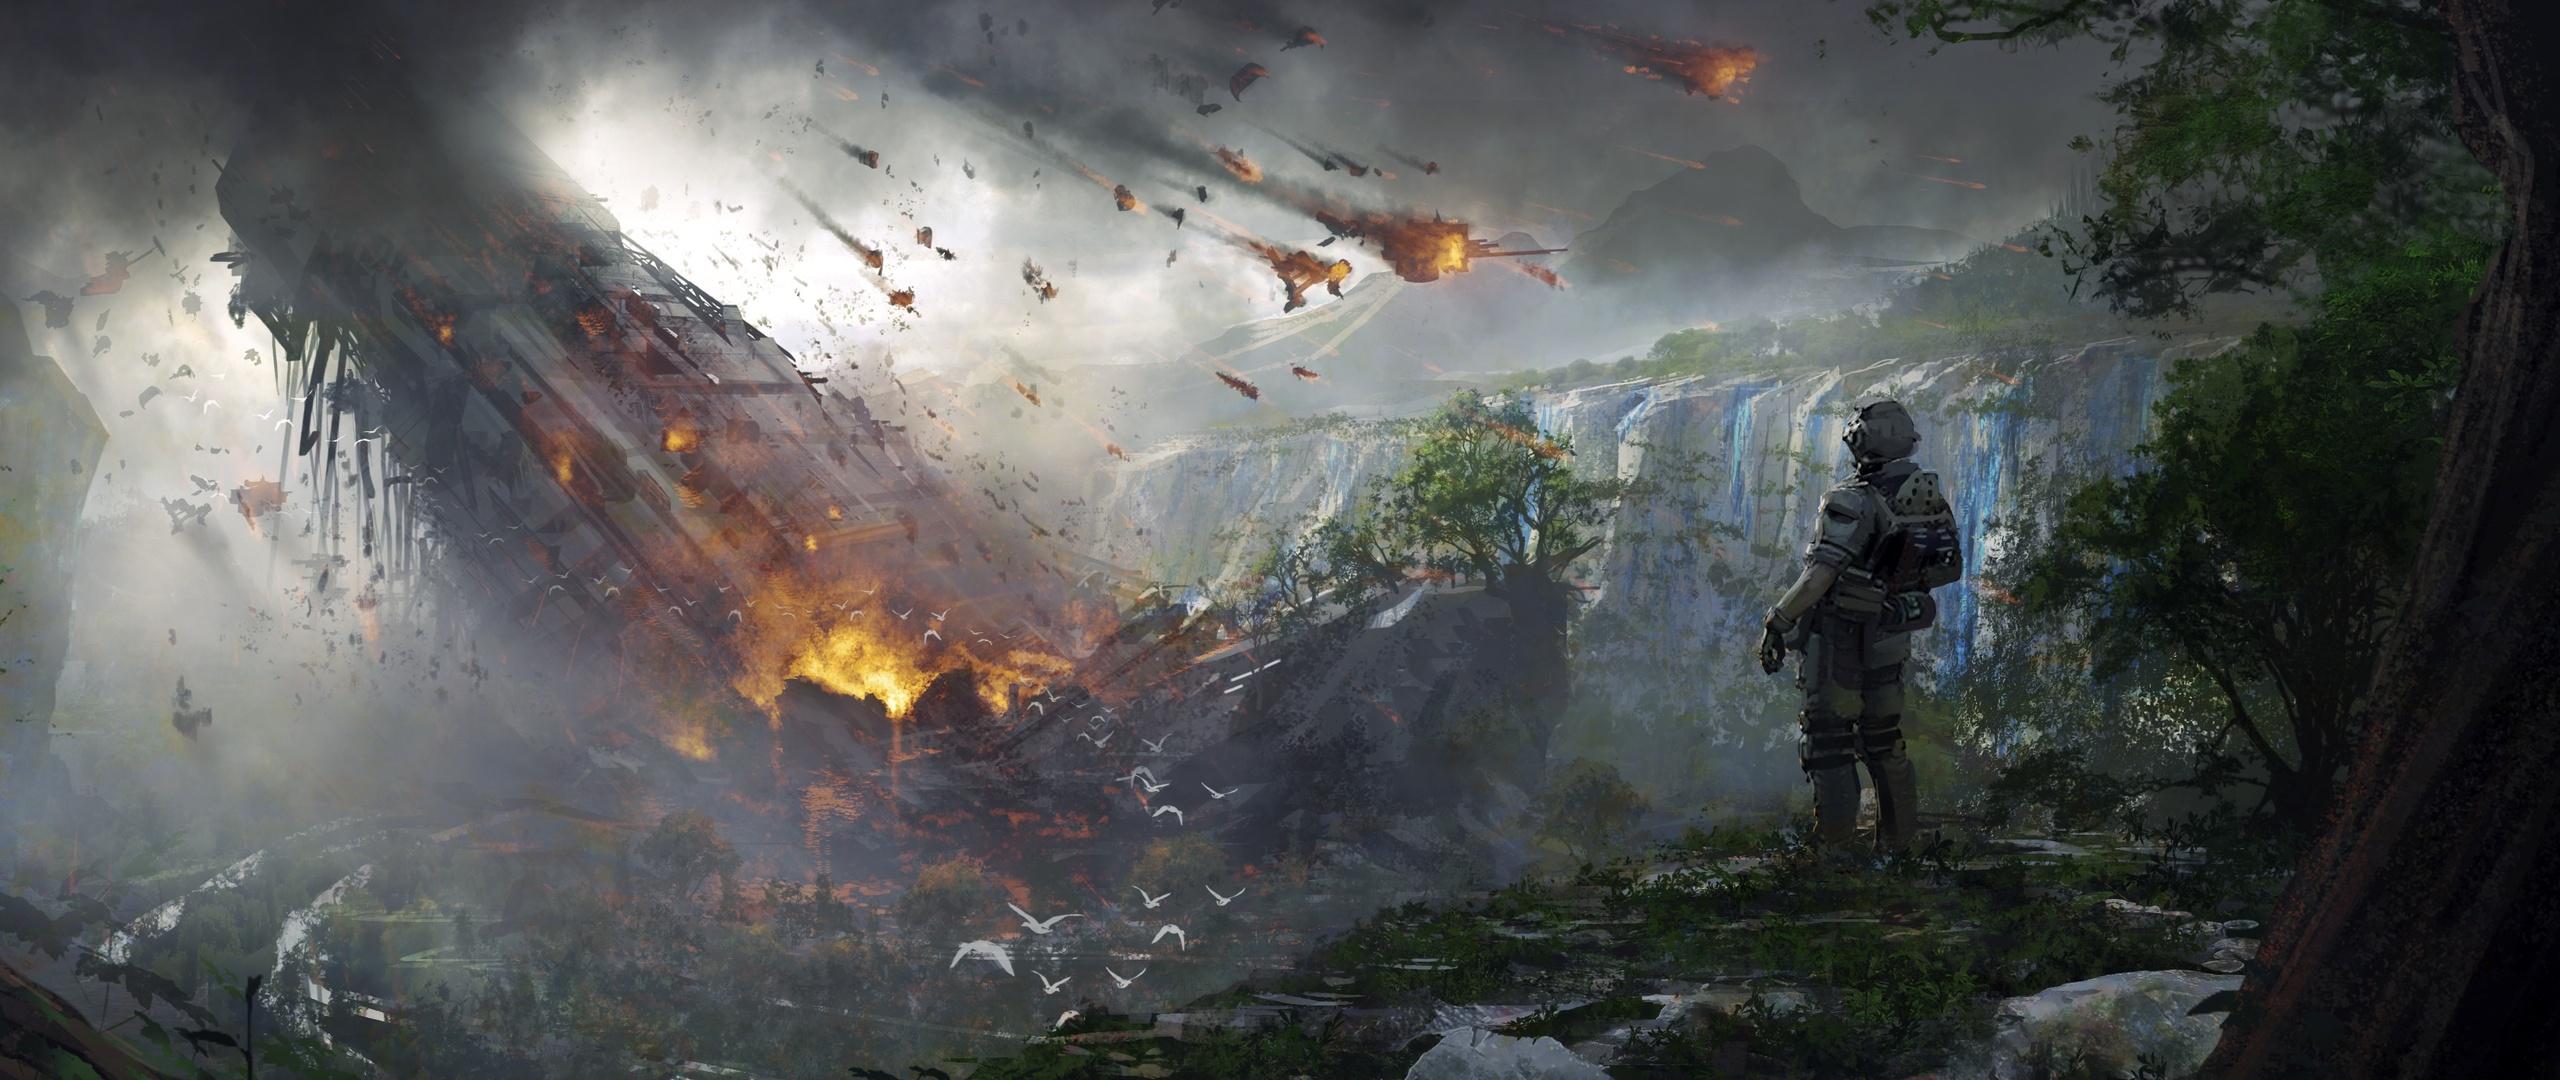 2560x1080 4k Soldier Titanfall 2 Artwork 2560x1080 ...